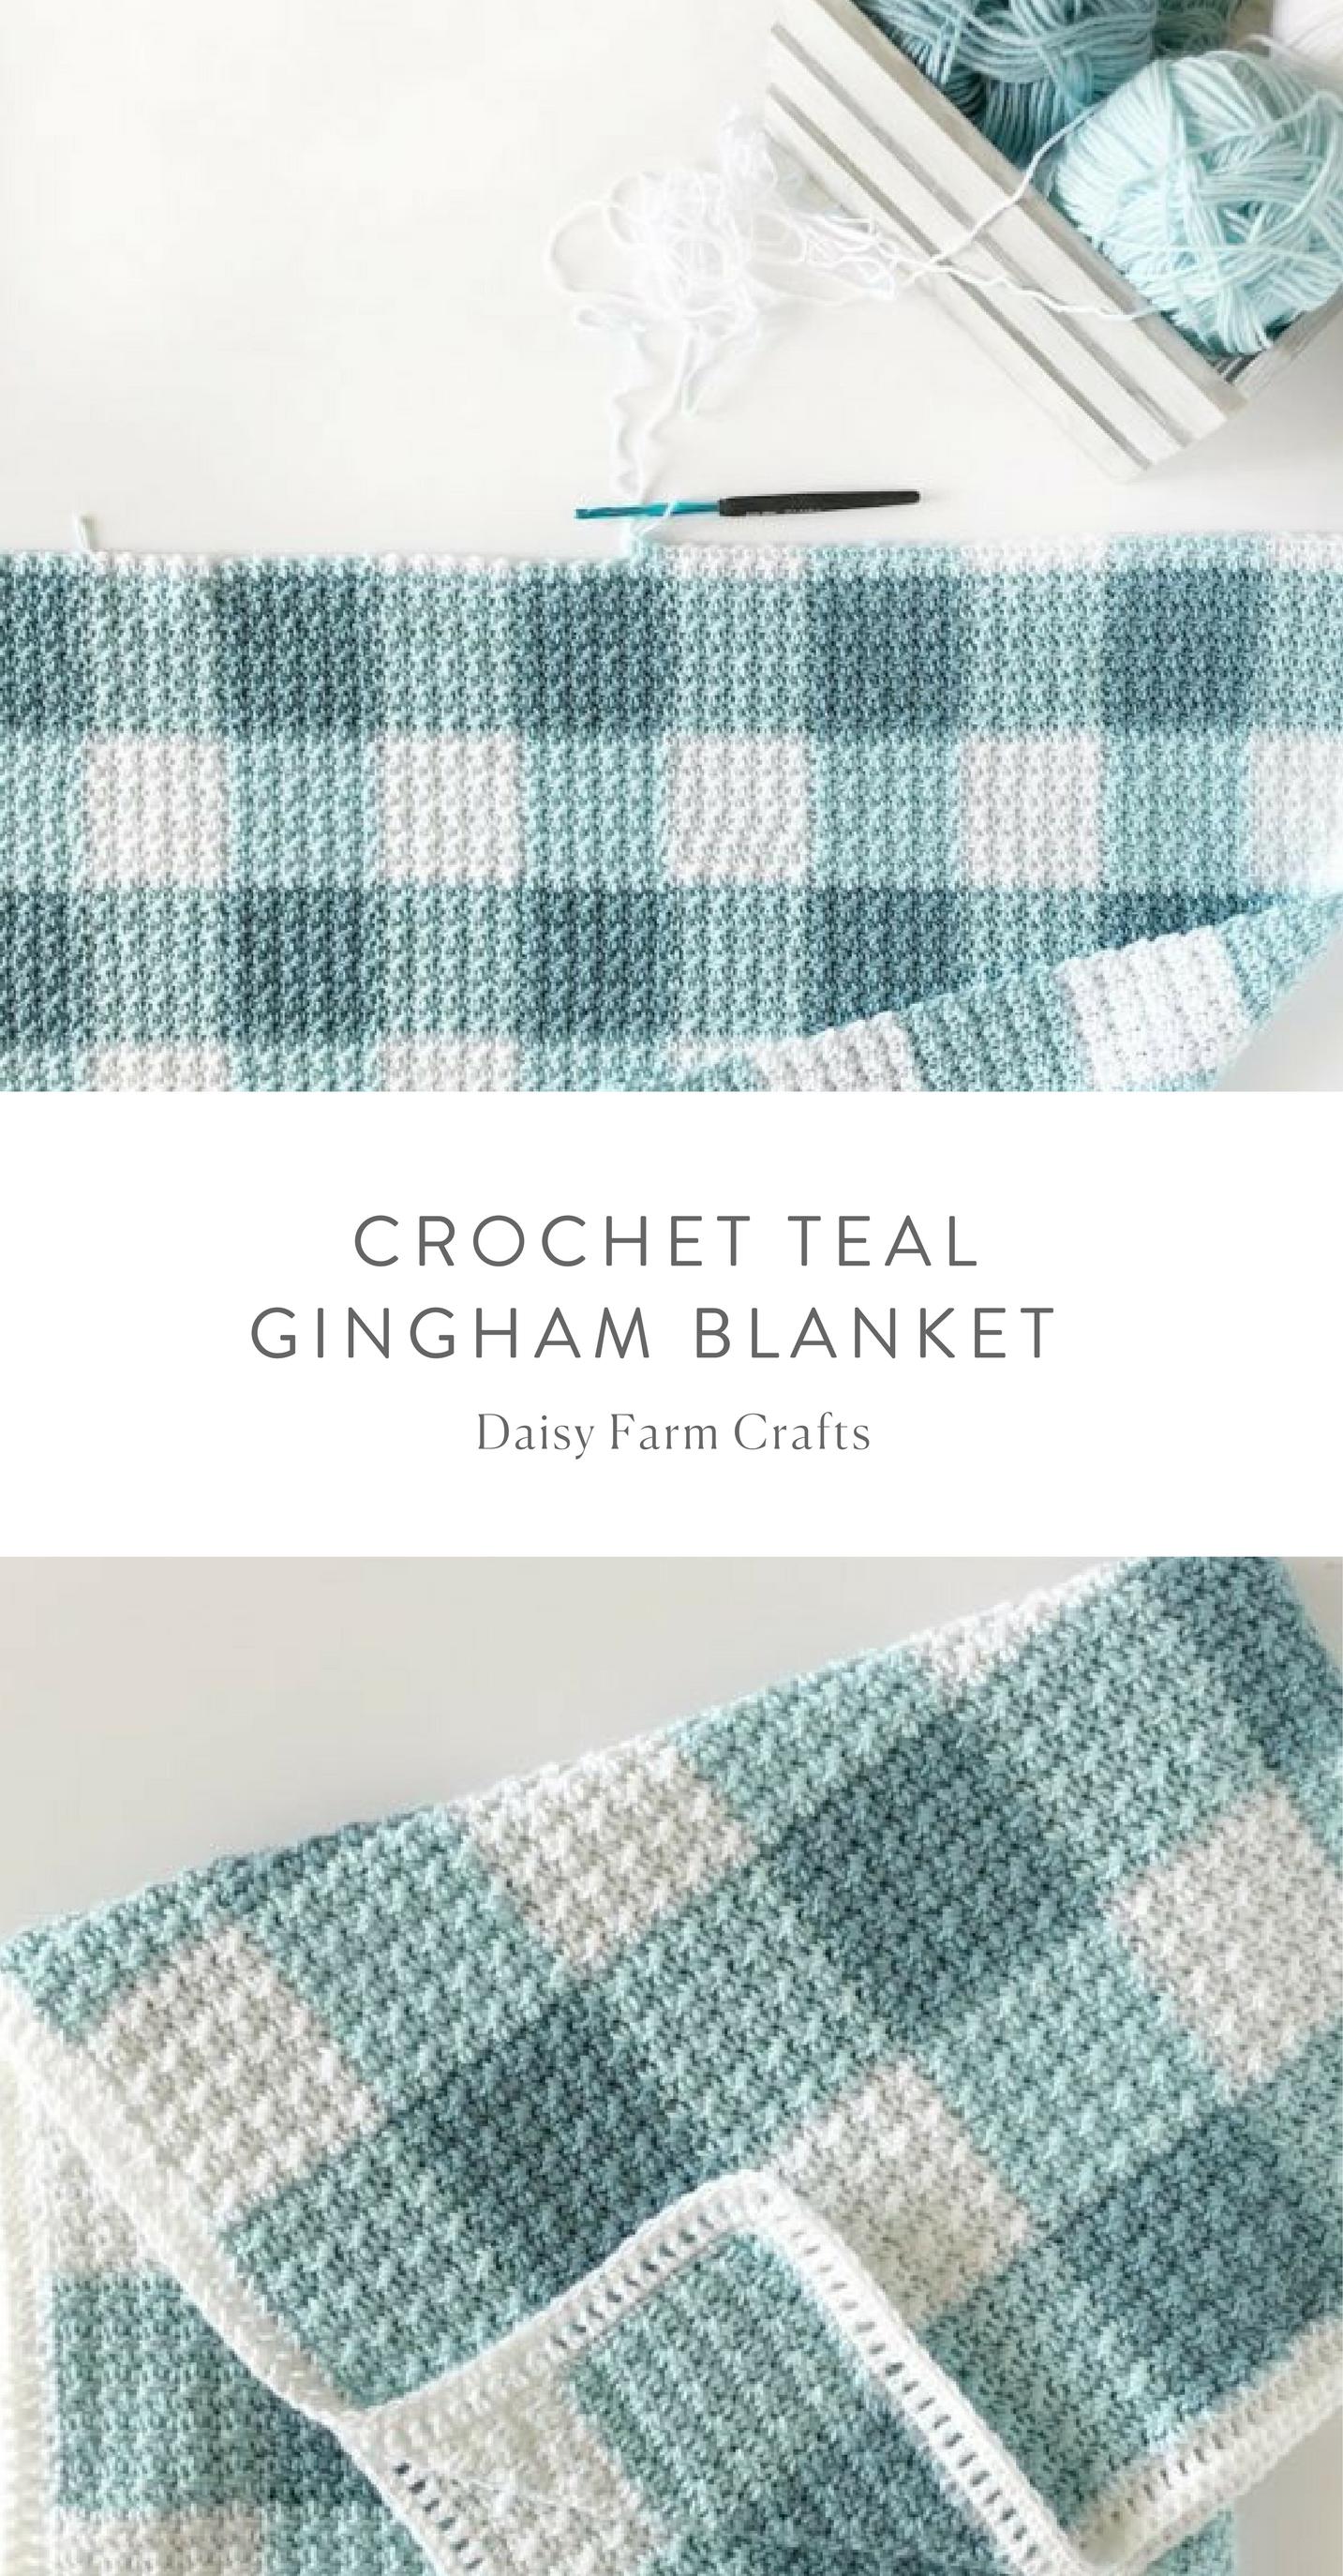 Free Pattern - Crochet Teal Gingham Blanket | Crochet | Pinterest ...